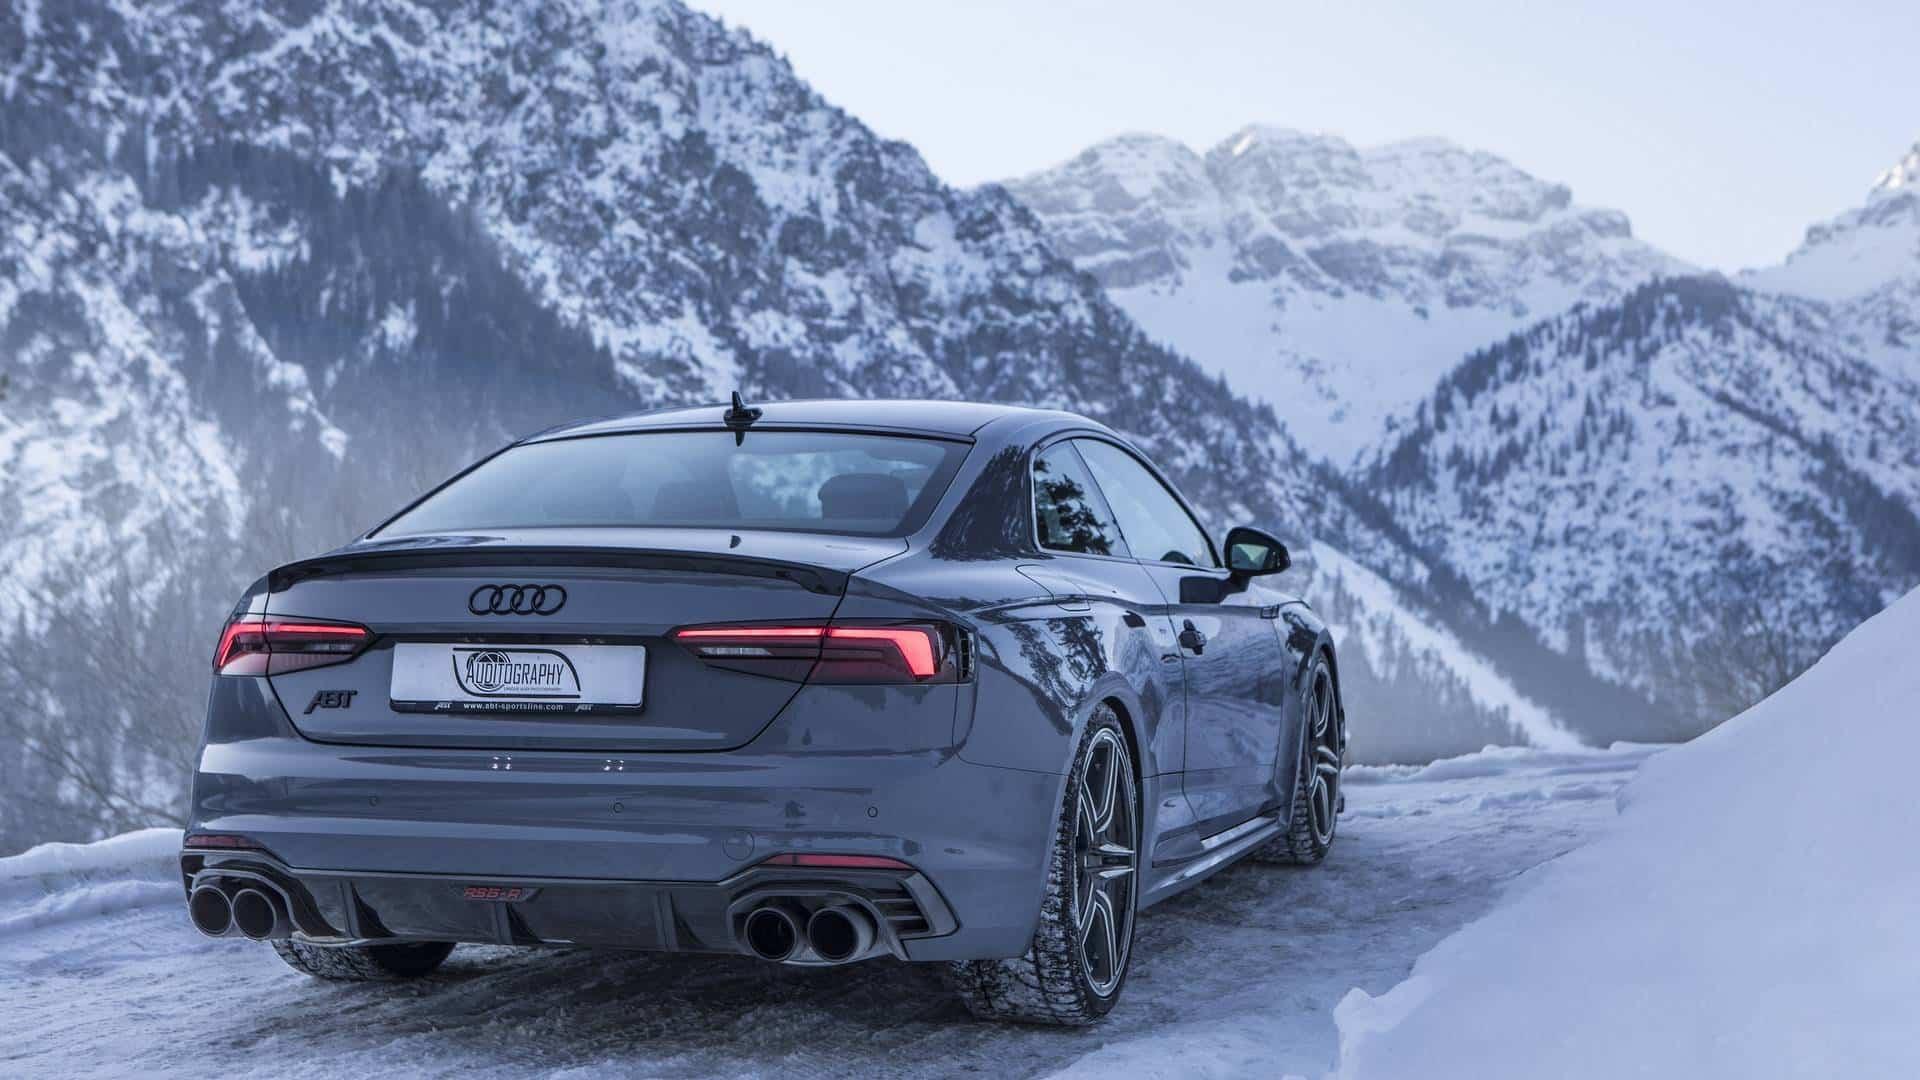 El Brutal Audi Rs5 R De Abt Y Sus 530 Cv Nos Deleitan Con Un Paseo Por Los Alpes Austriacos